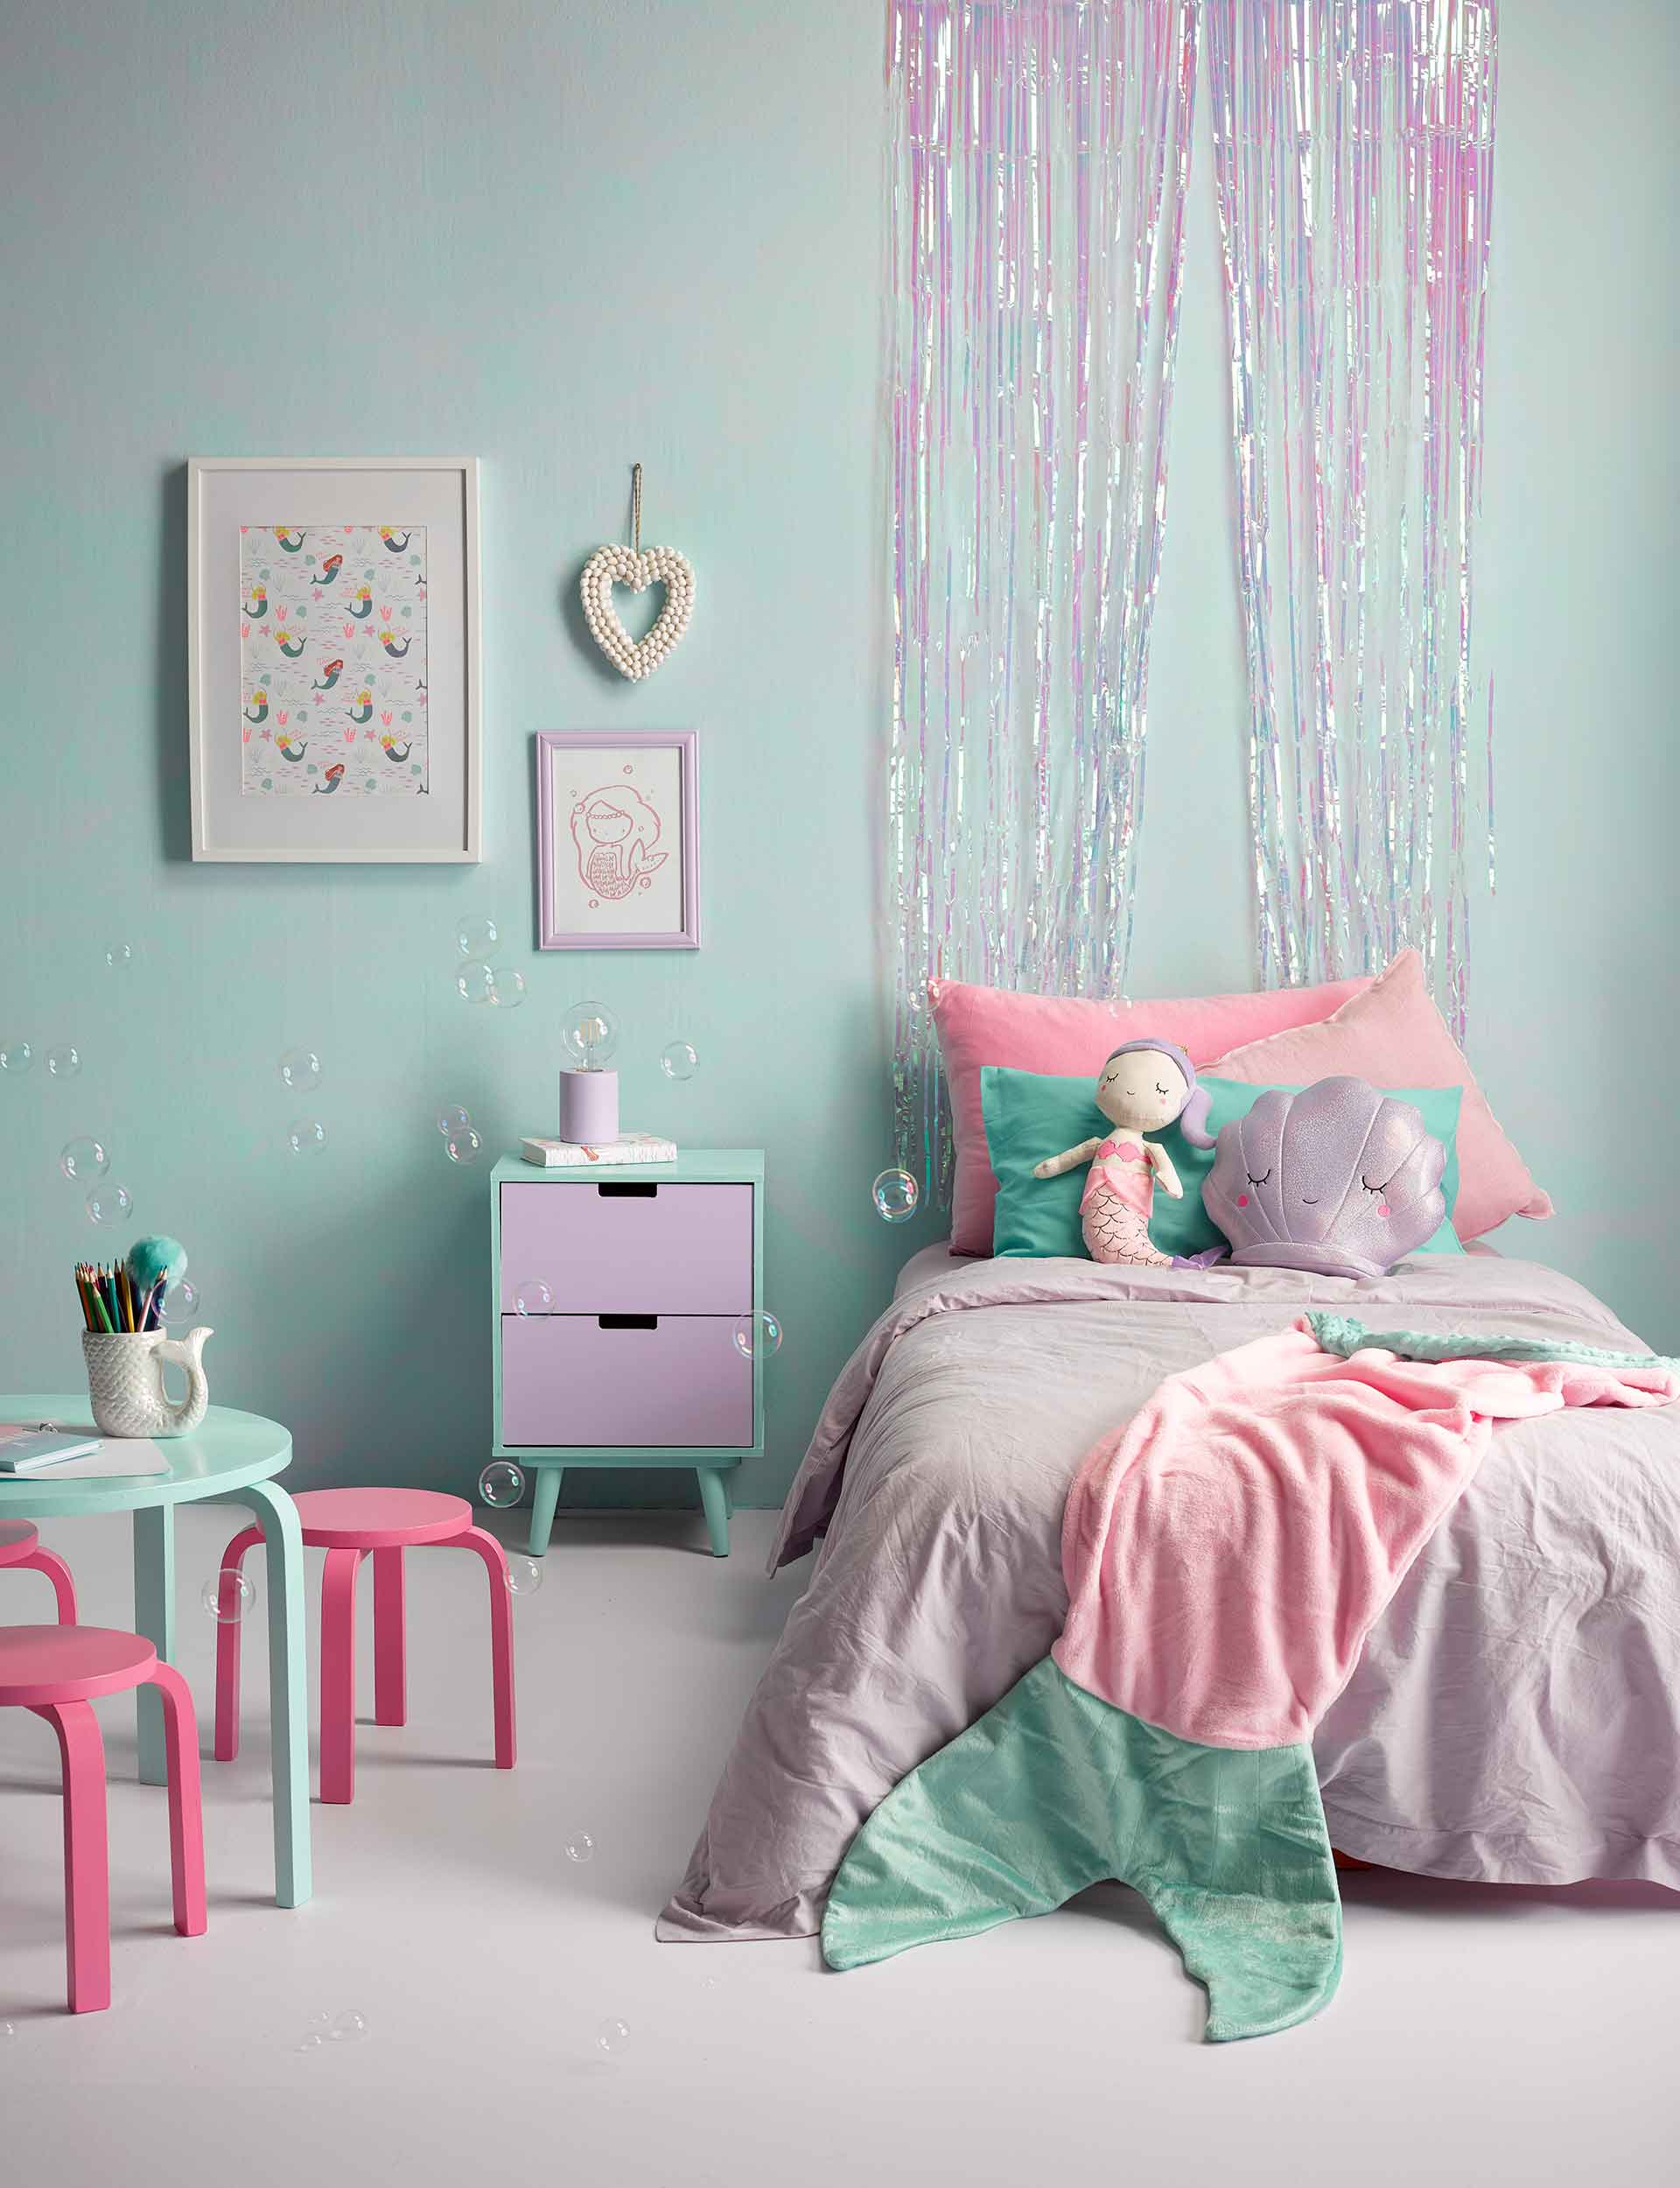 33 Whimsical Mermaid Bedroom Ideas For Girls